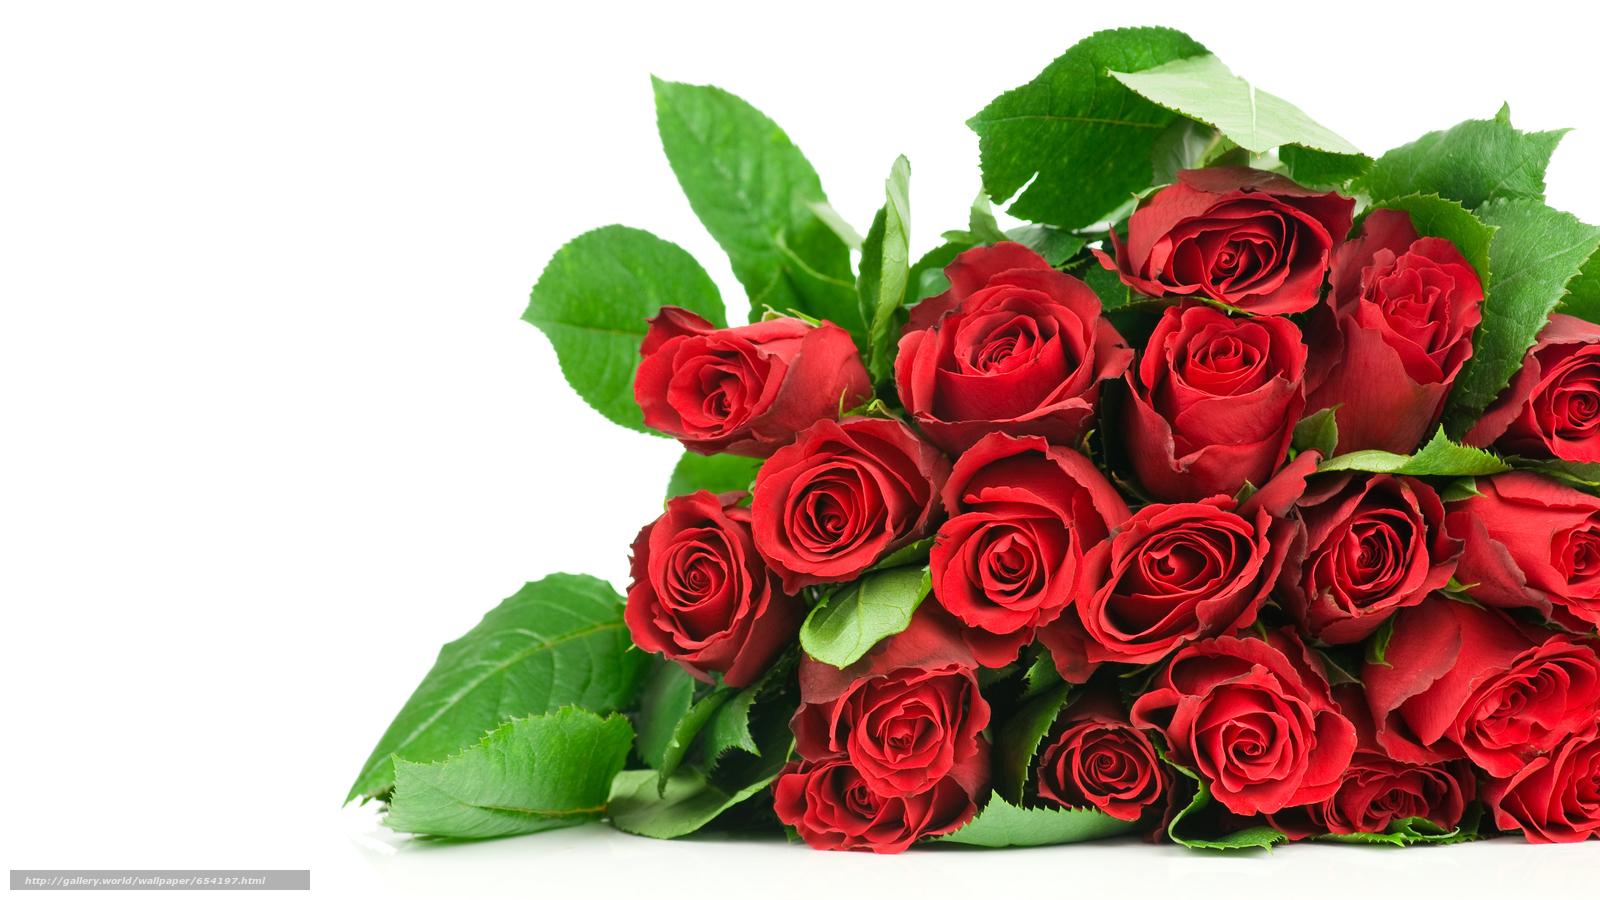 Скачать обои роза,  розы,  цветок,  цветы бесплатно для рабочего стола в разрешении 8576x4824 — картинка №654197